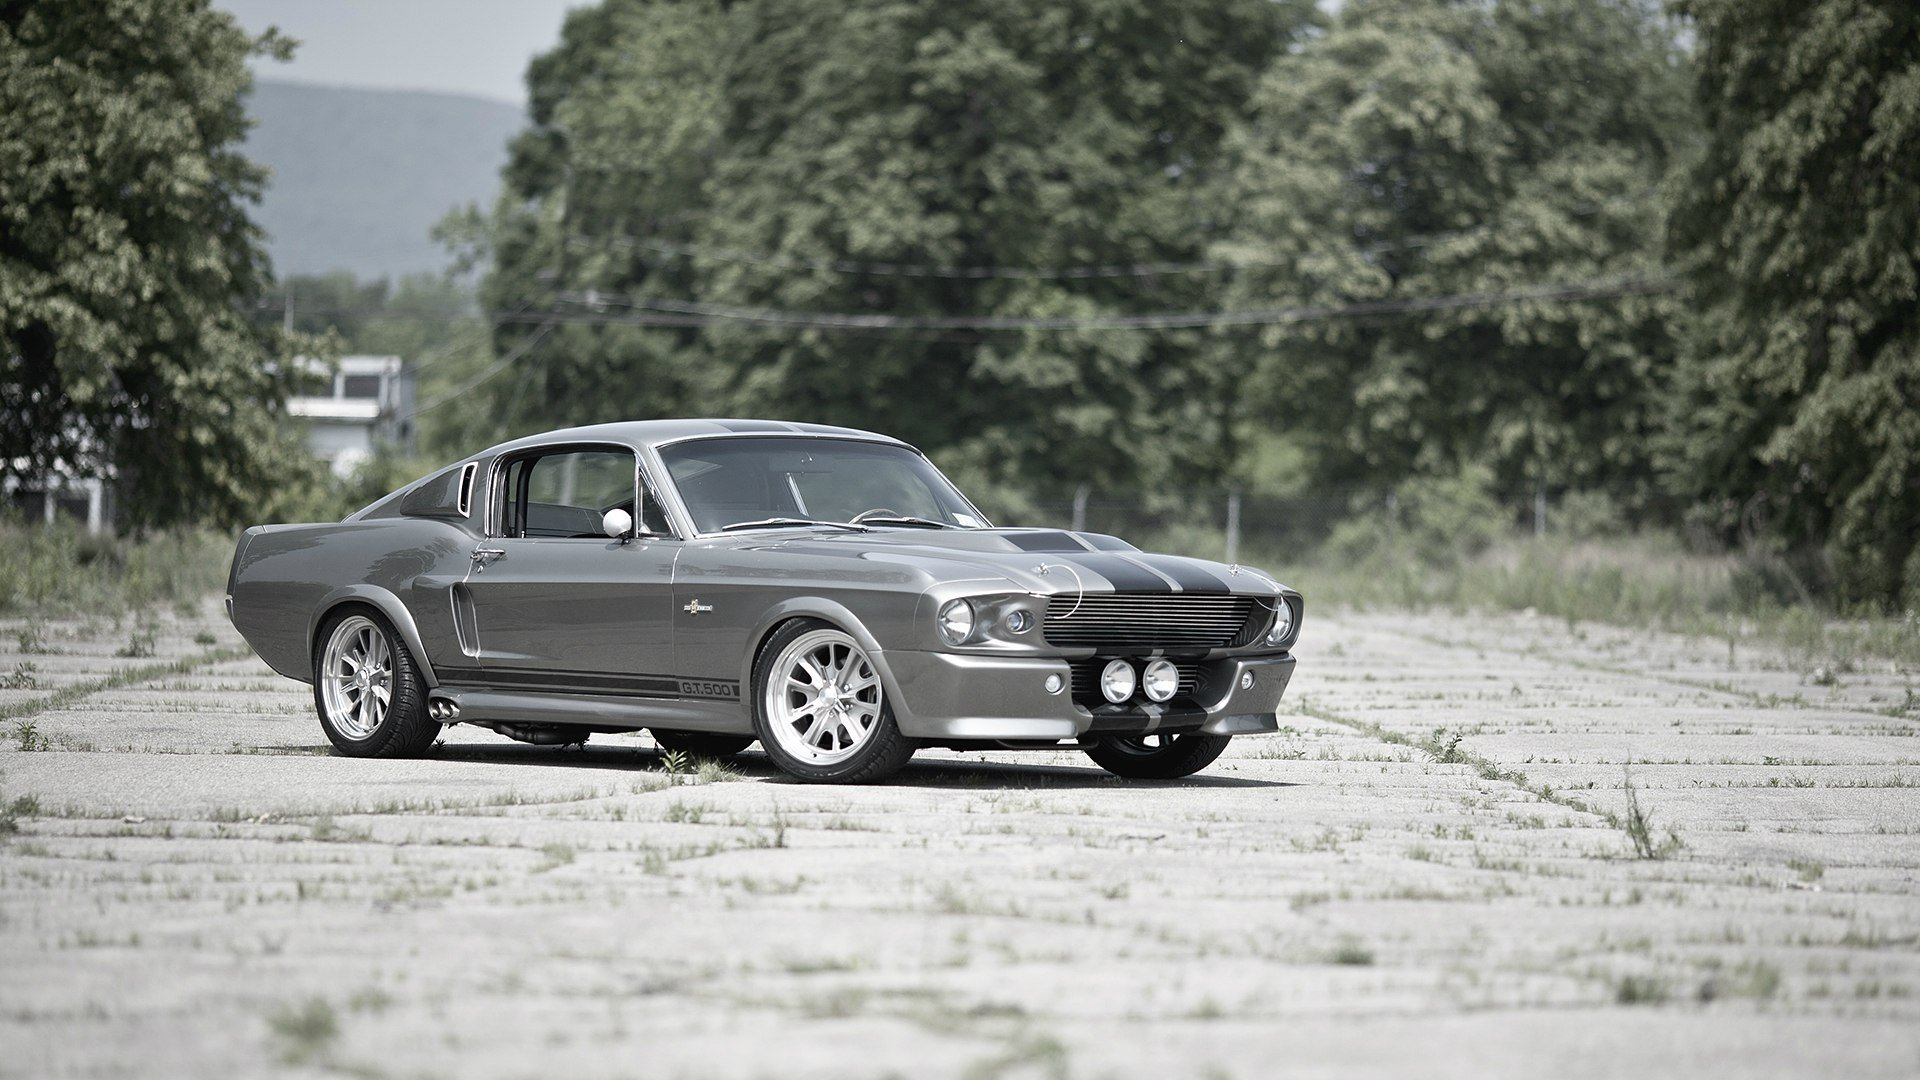 Vhicules   Mustang Fond dcran wallalphacoderscom 1920x1080